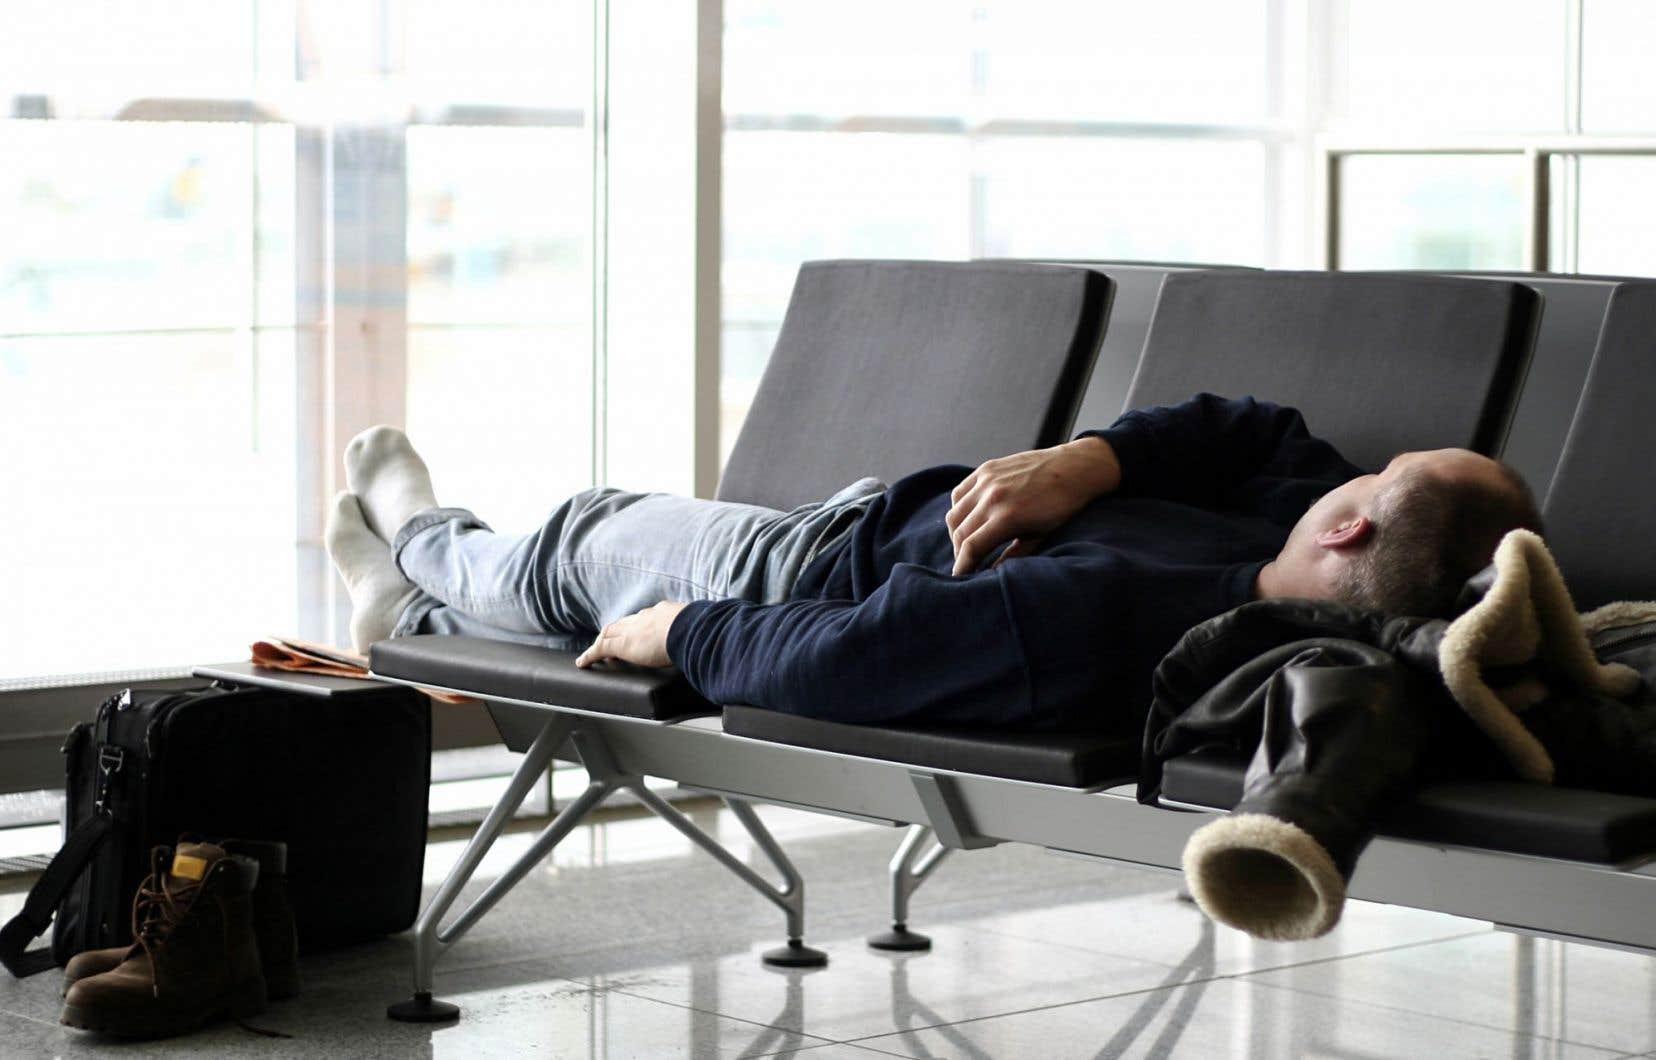 Que l'on soit en bonne santé ou malade, la sieste doit s'adapter à chaque situation, et son dosage dépendra du degré de privation de sommeil la veille. Ses différentes durées n'ont pas les mêmes effets sur l'organisme.